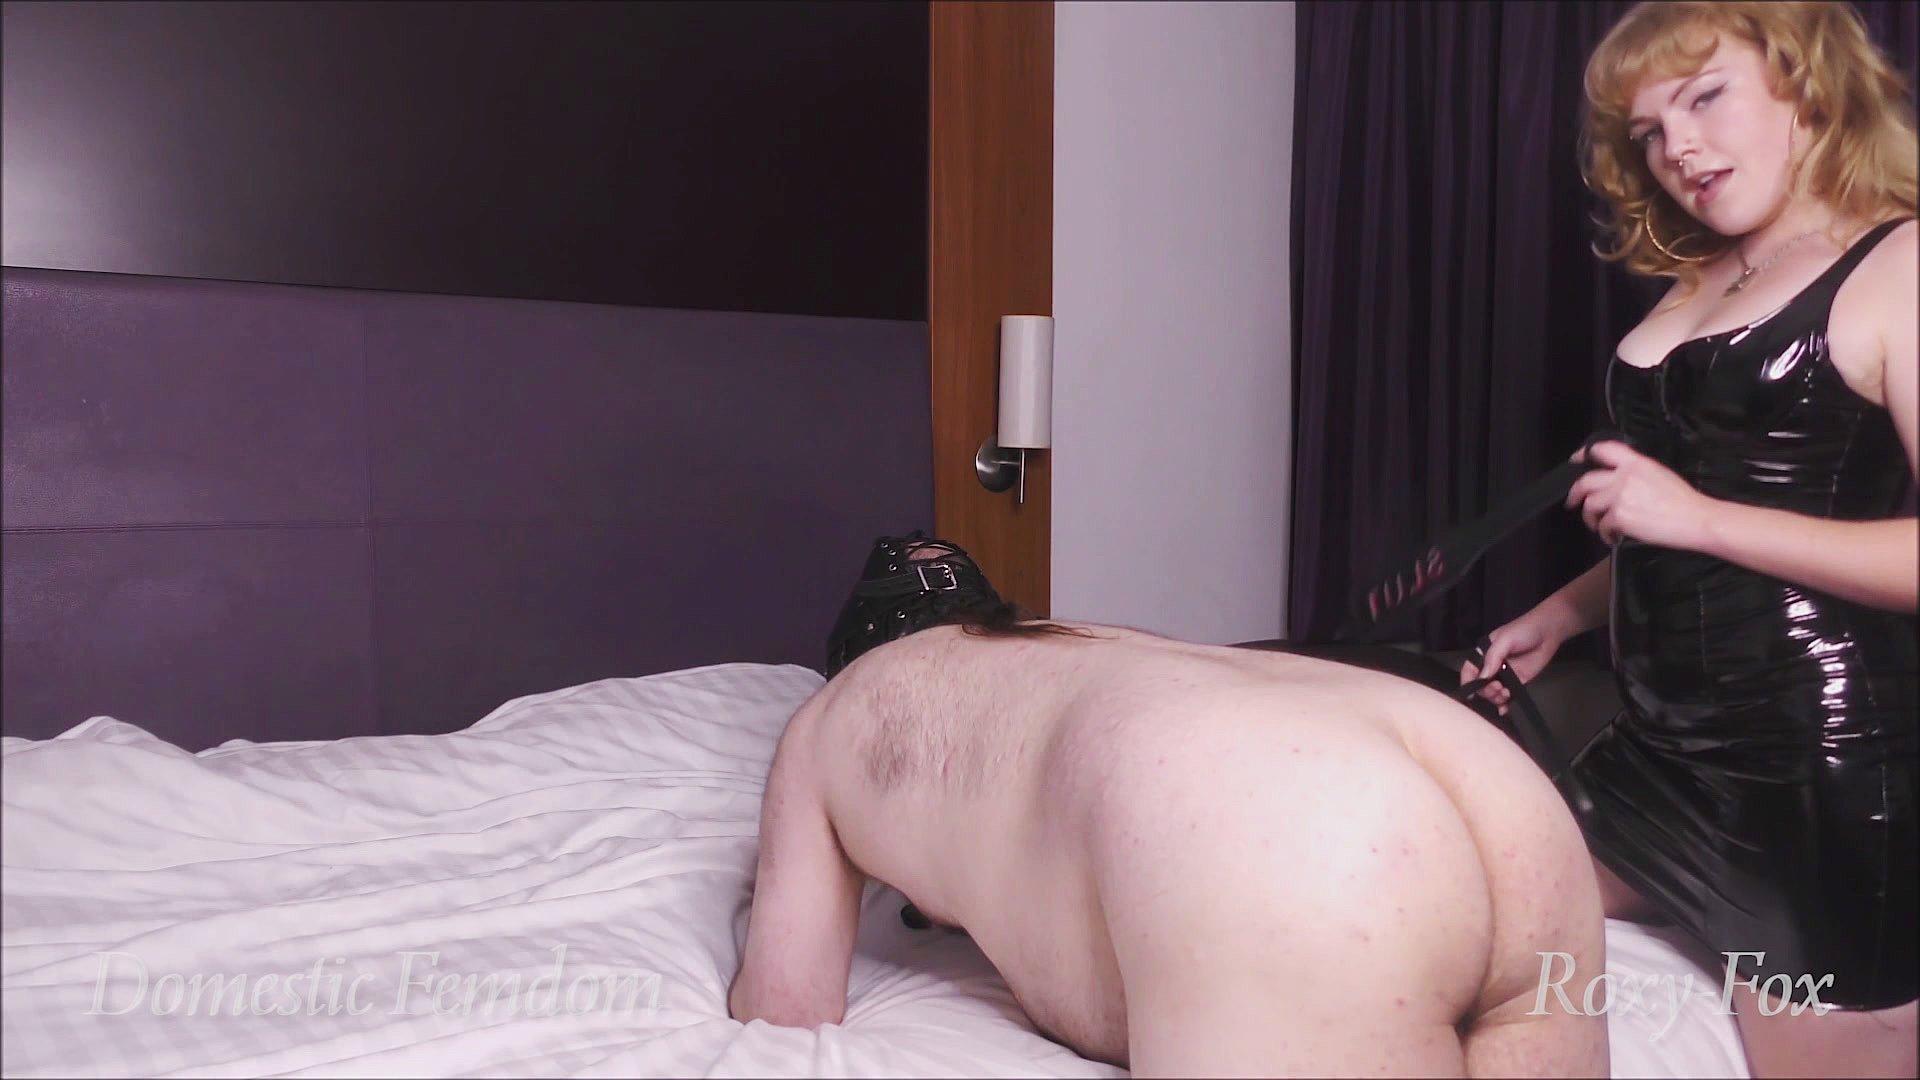 roxy-fox spanking